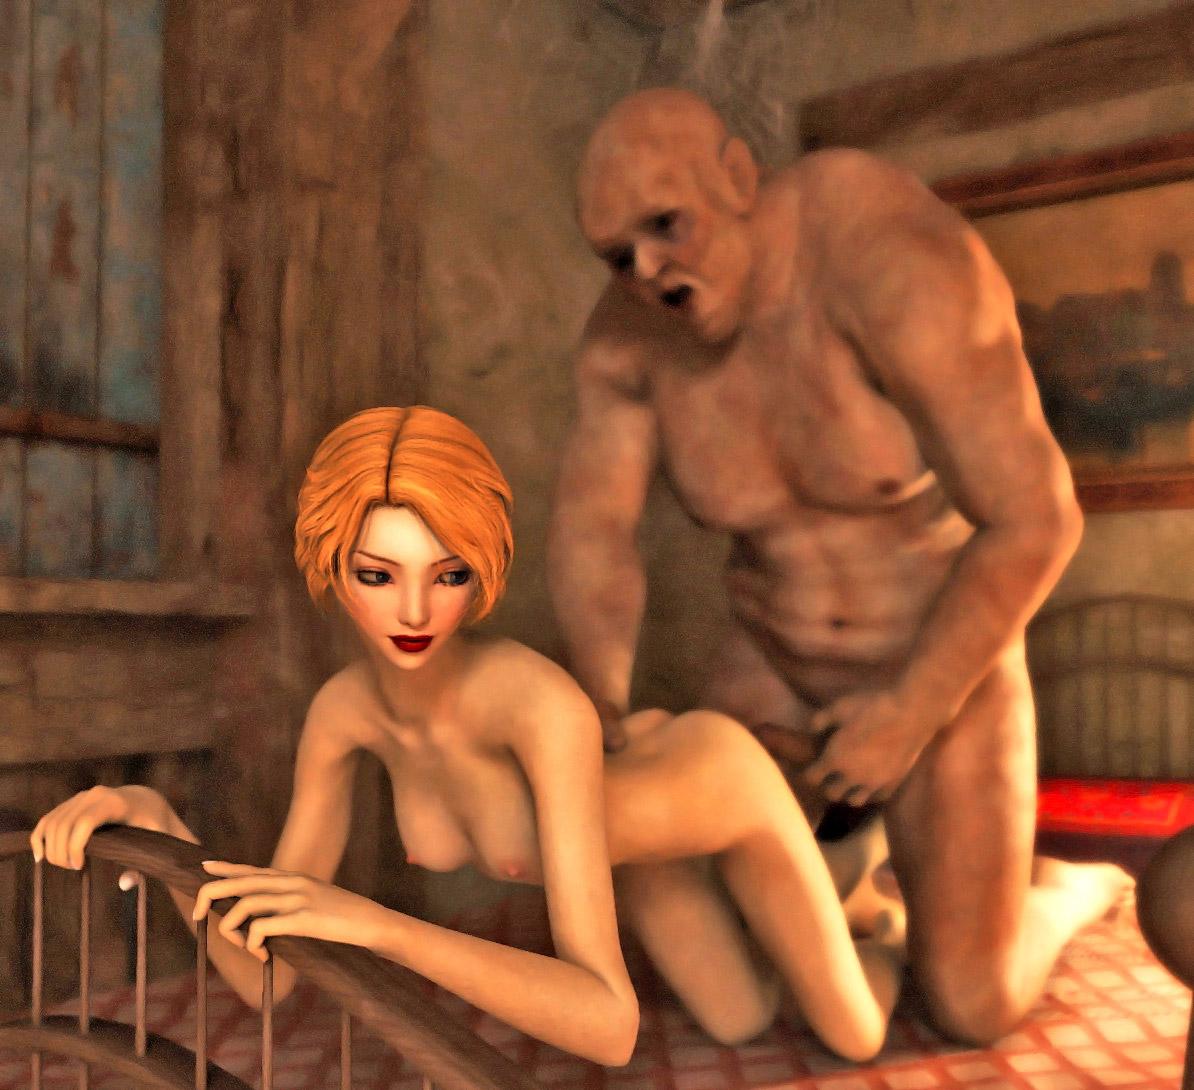 Young elf porno erotic clips